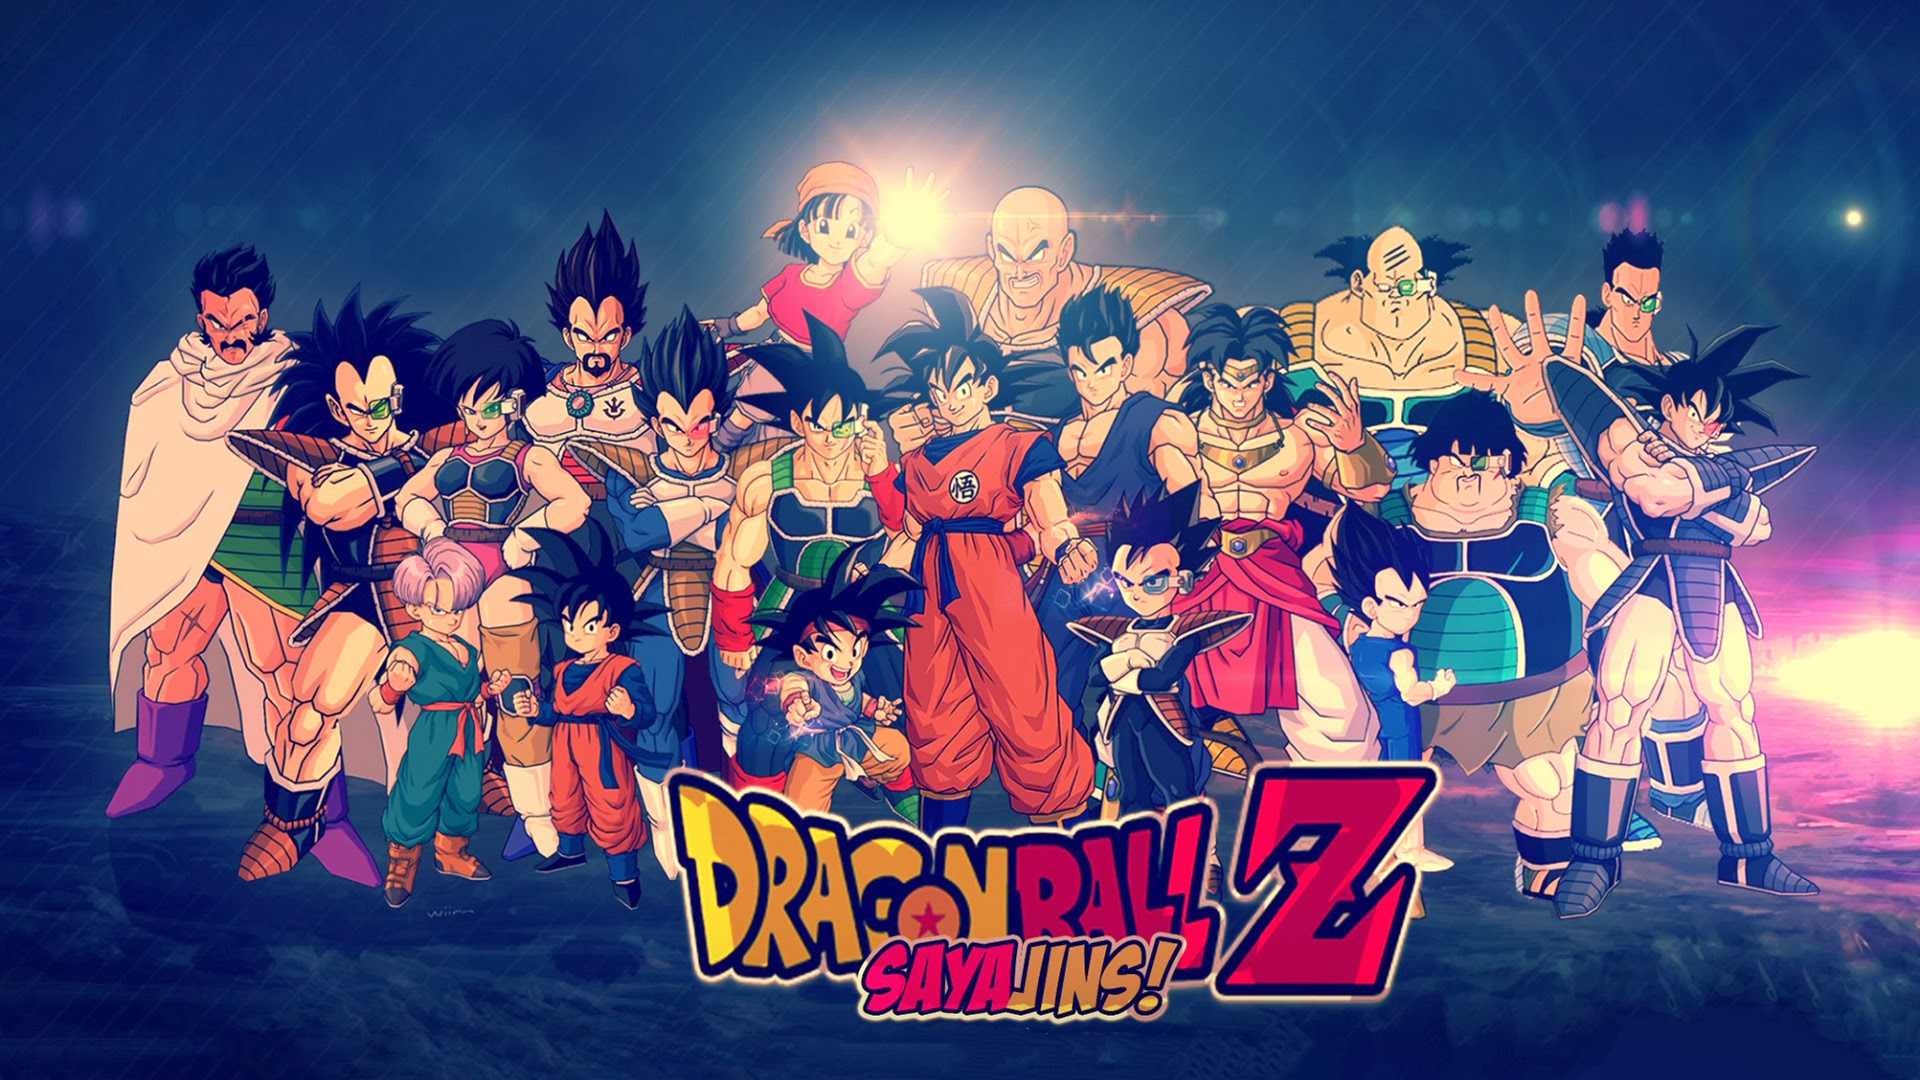 Dragon Ball Z Hd Wallpaper For Android: Fondos De Dragon Ball Z, Goku Wallpapers Para Descargar Gratis